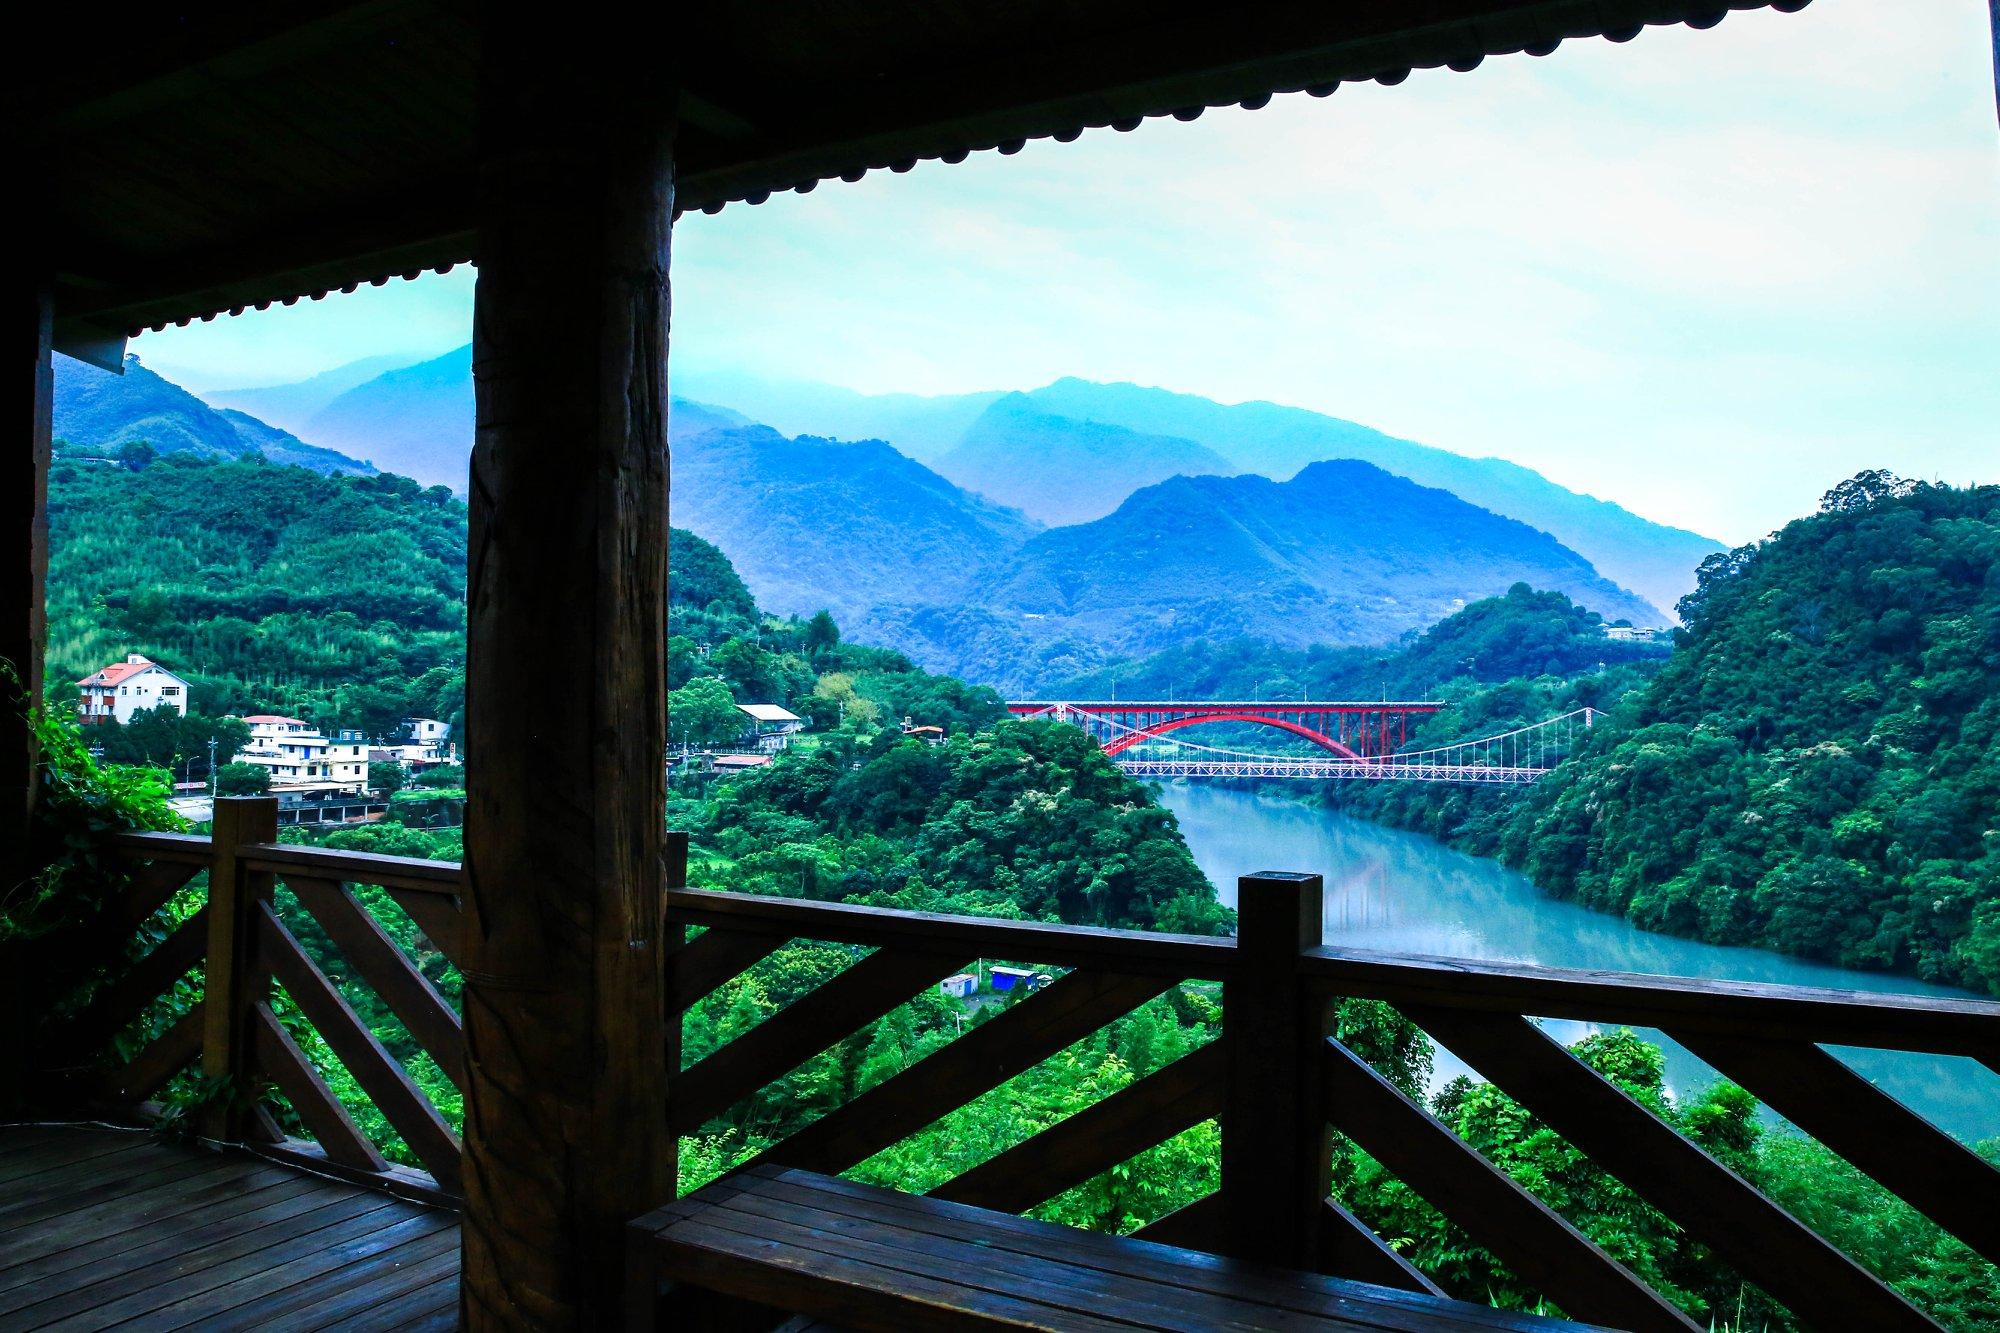 桃園包車旅遊私房景點、羅浮村、義盛村